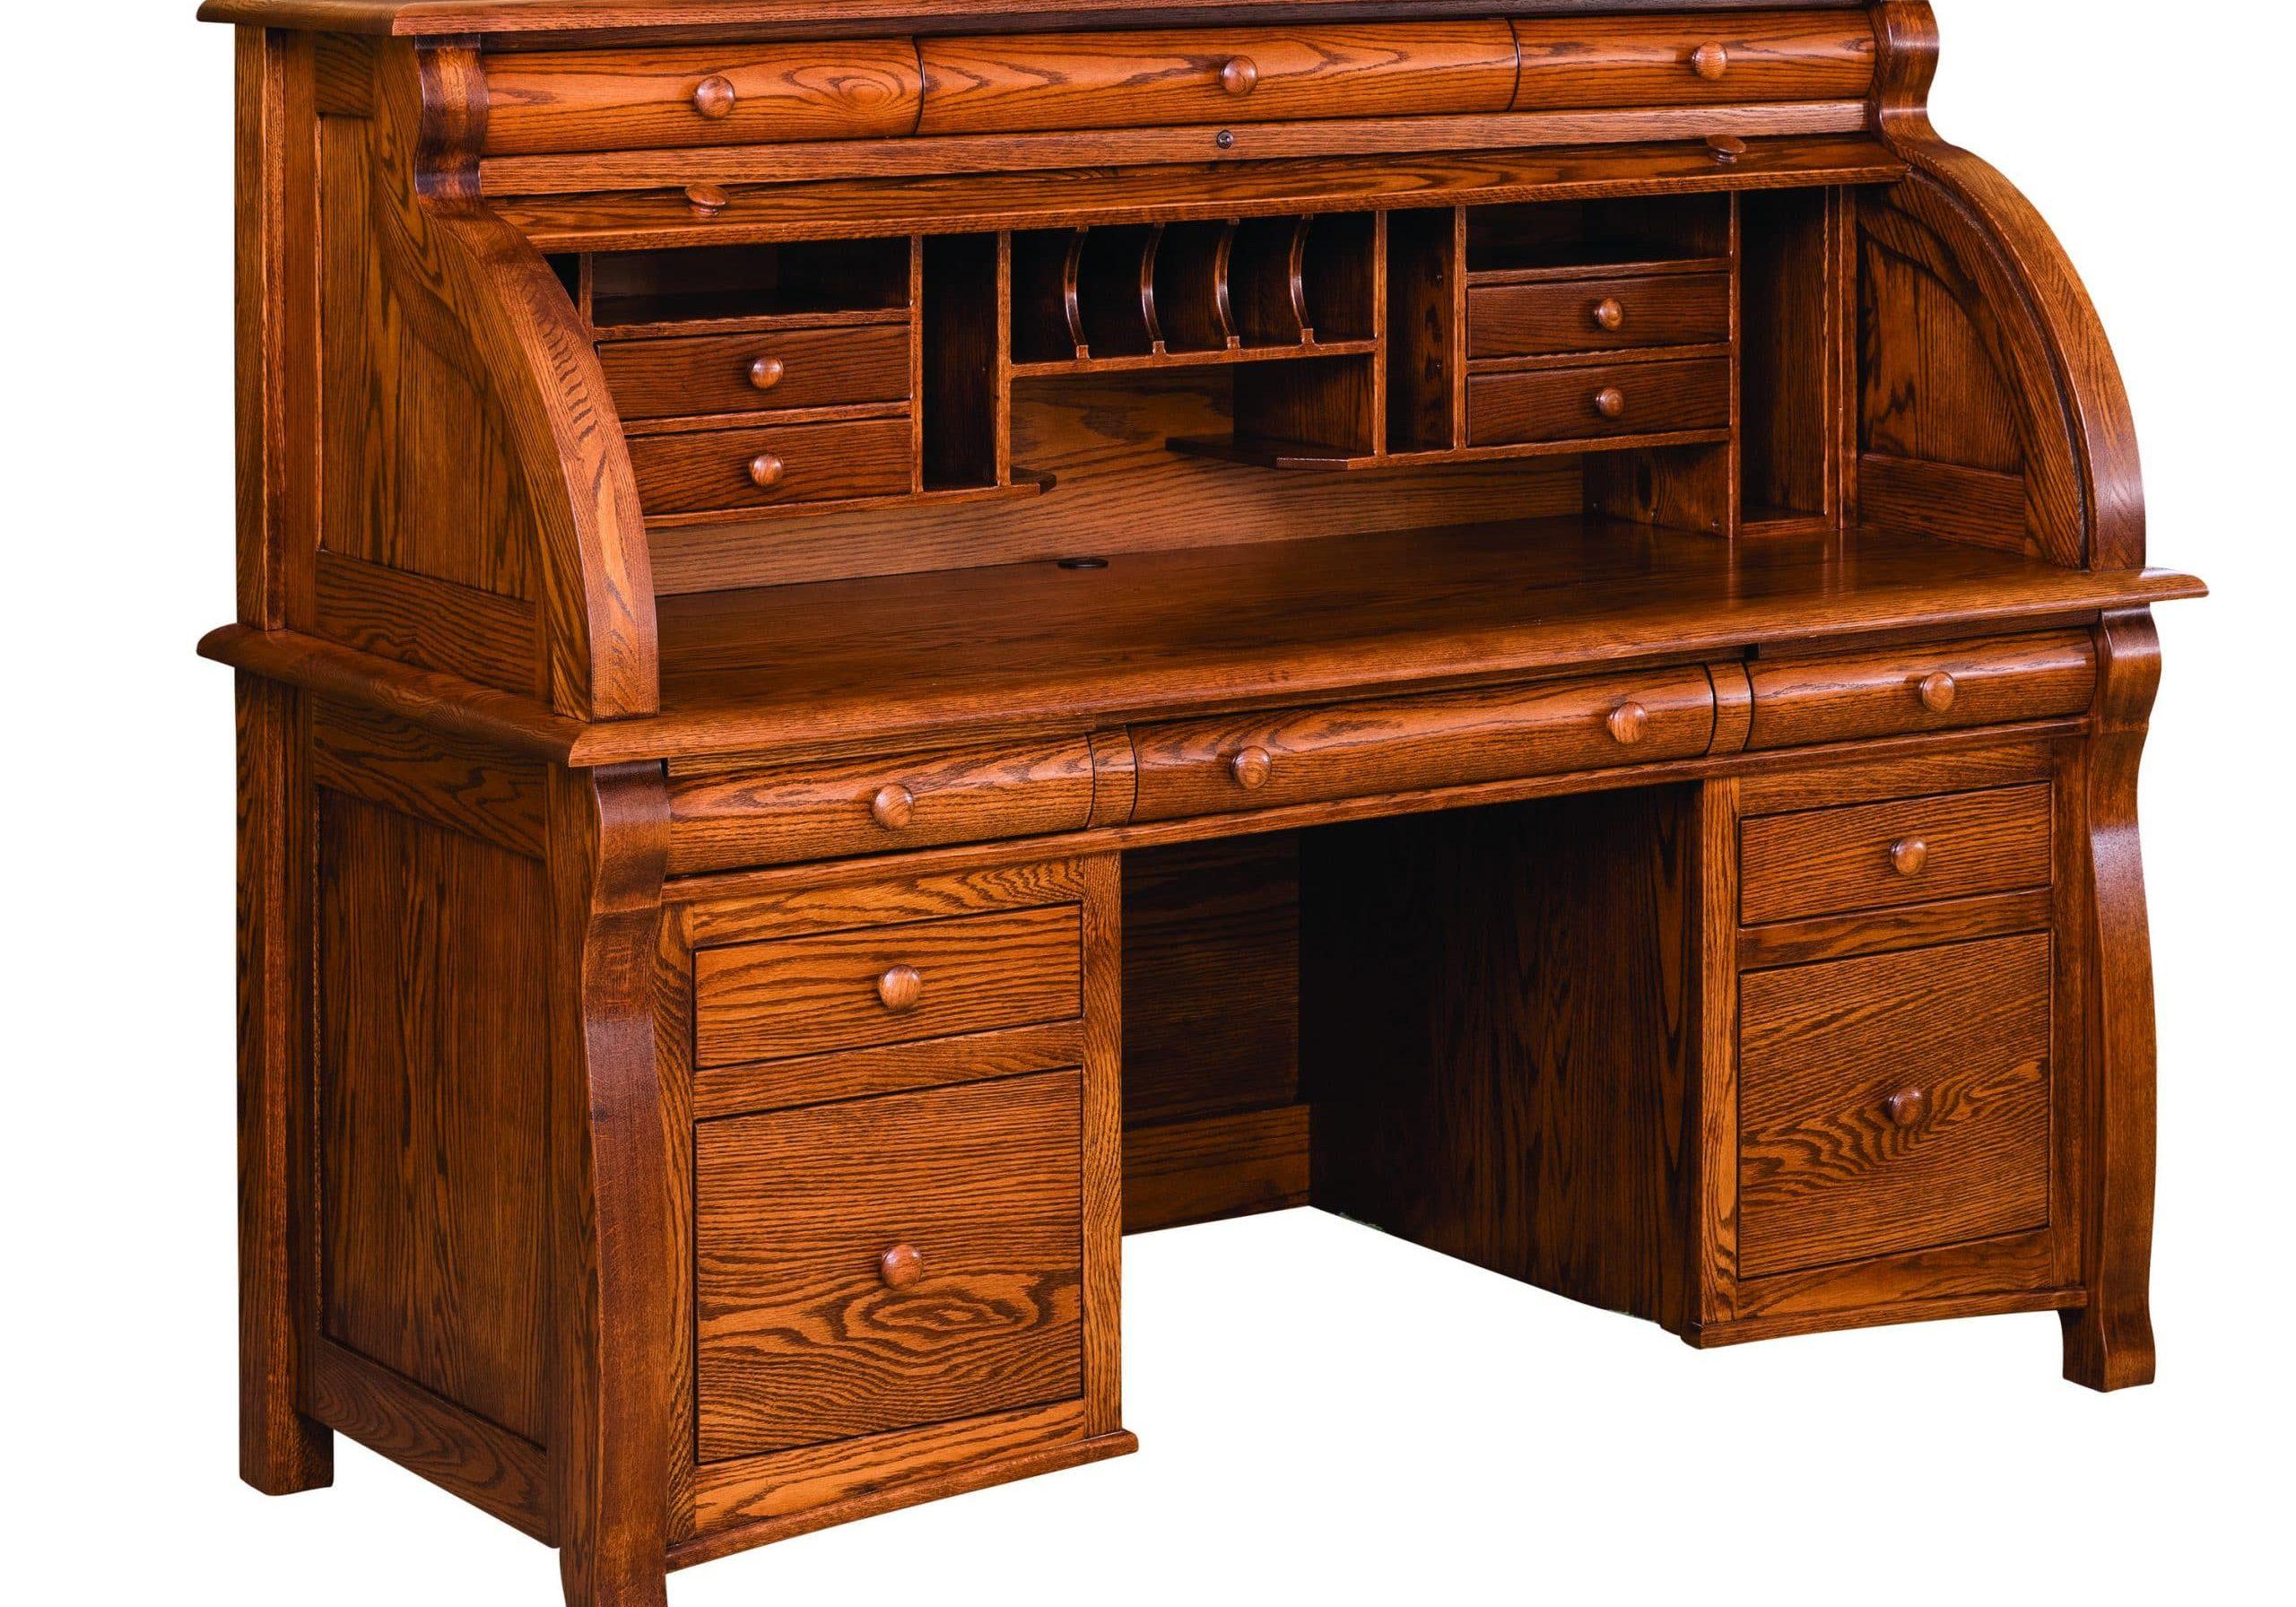 Castlebury Roll Top Desk